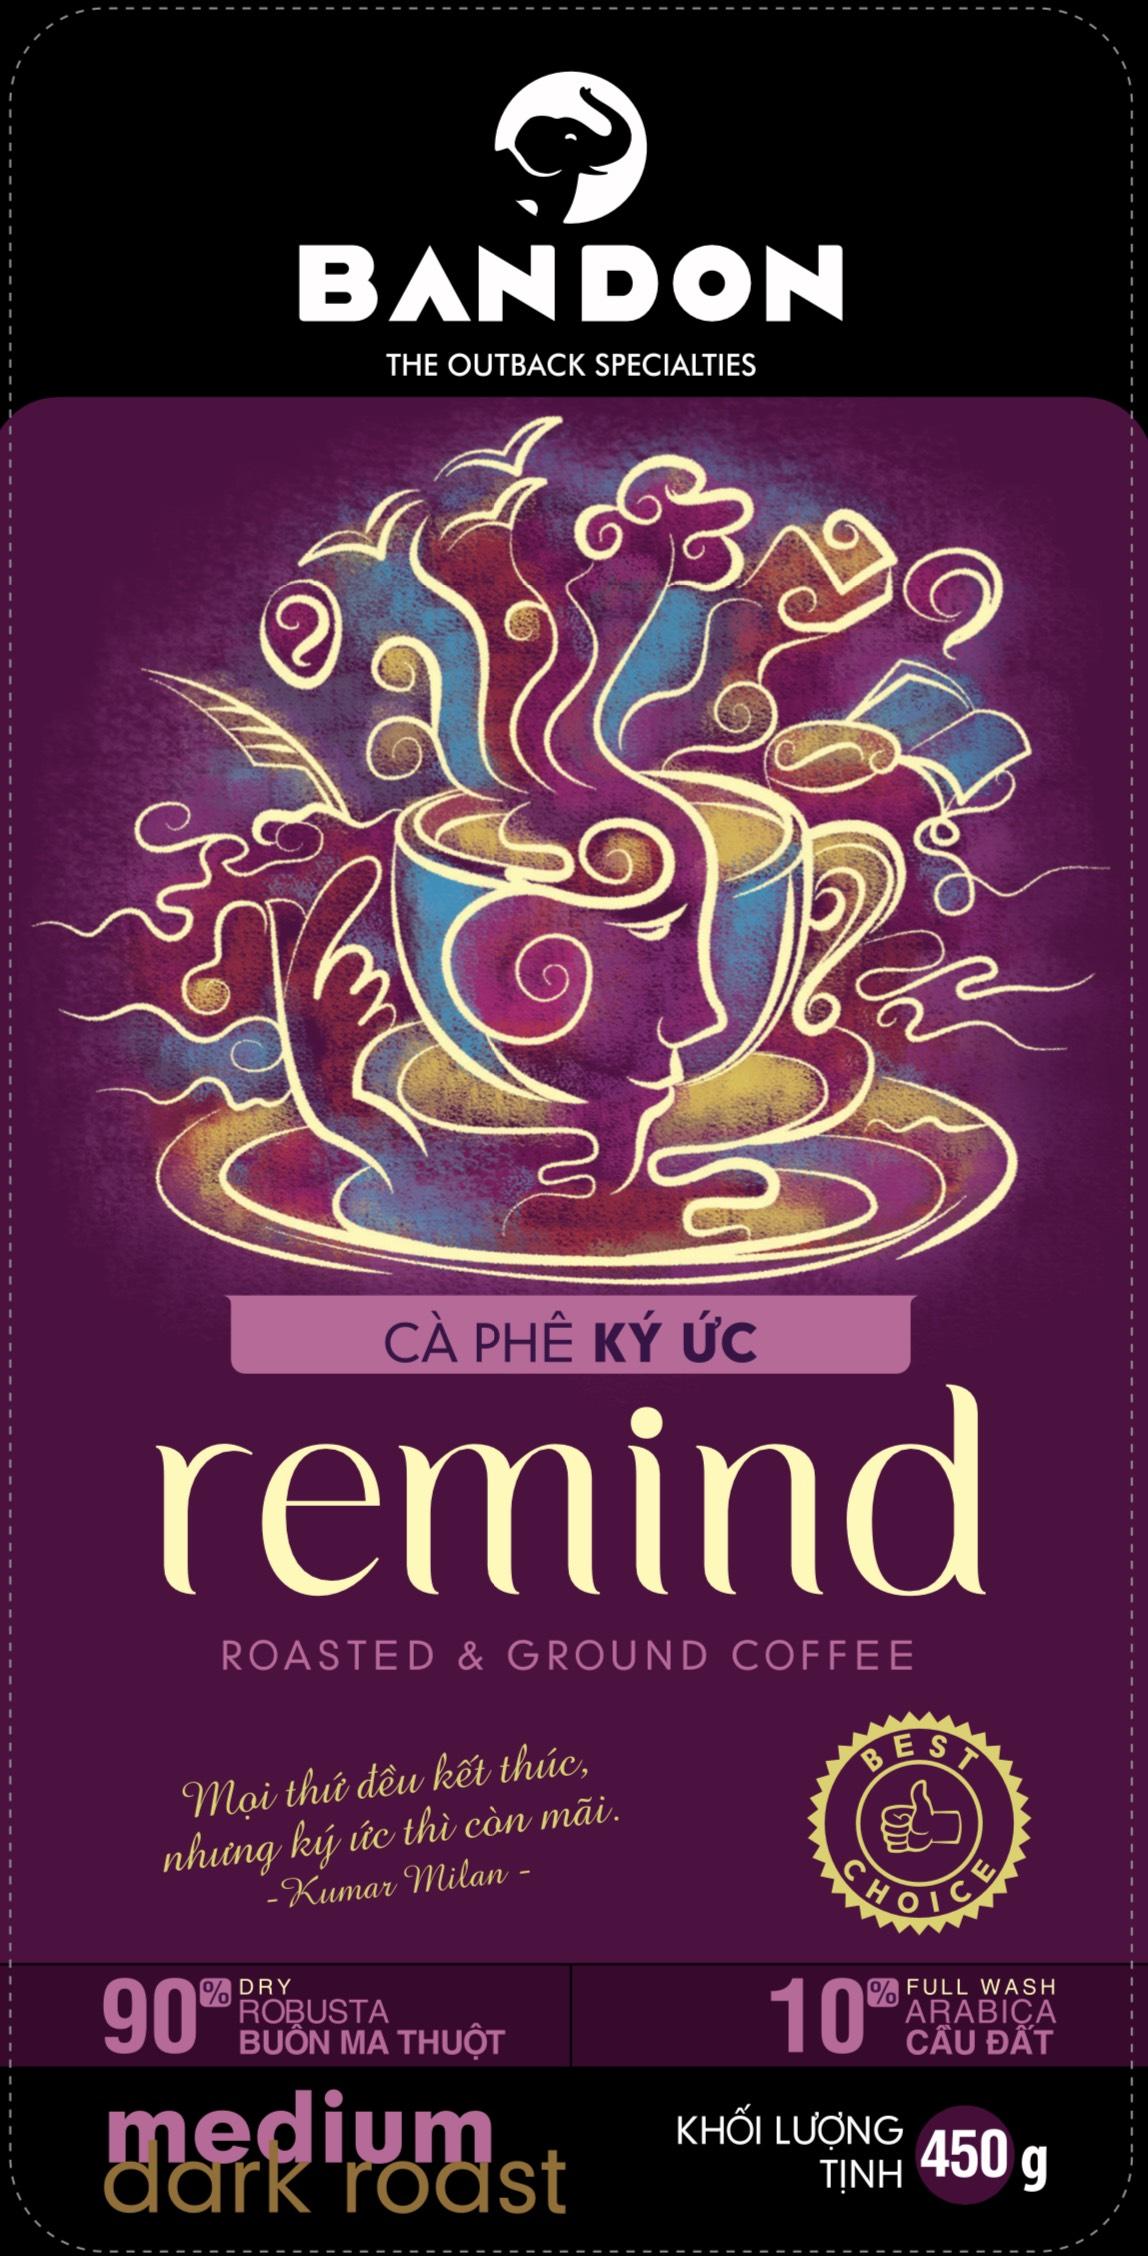 Cà phê phin Bandon Remind 450g - cà phê Ký ức